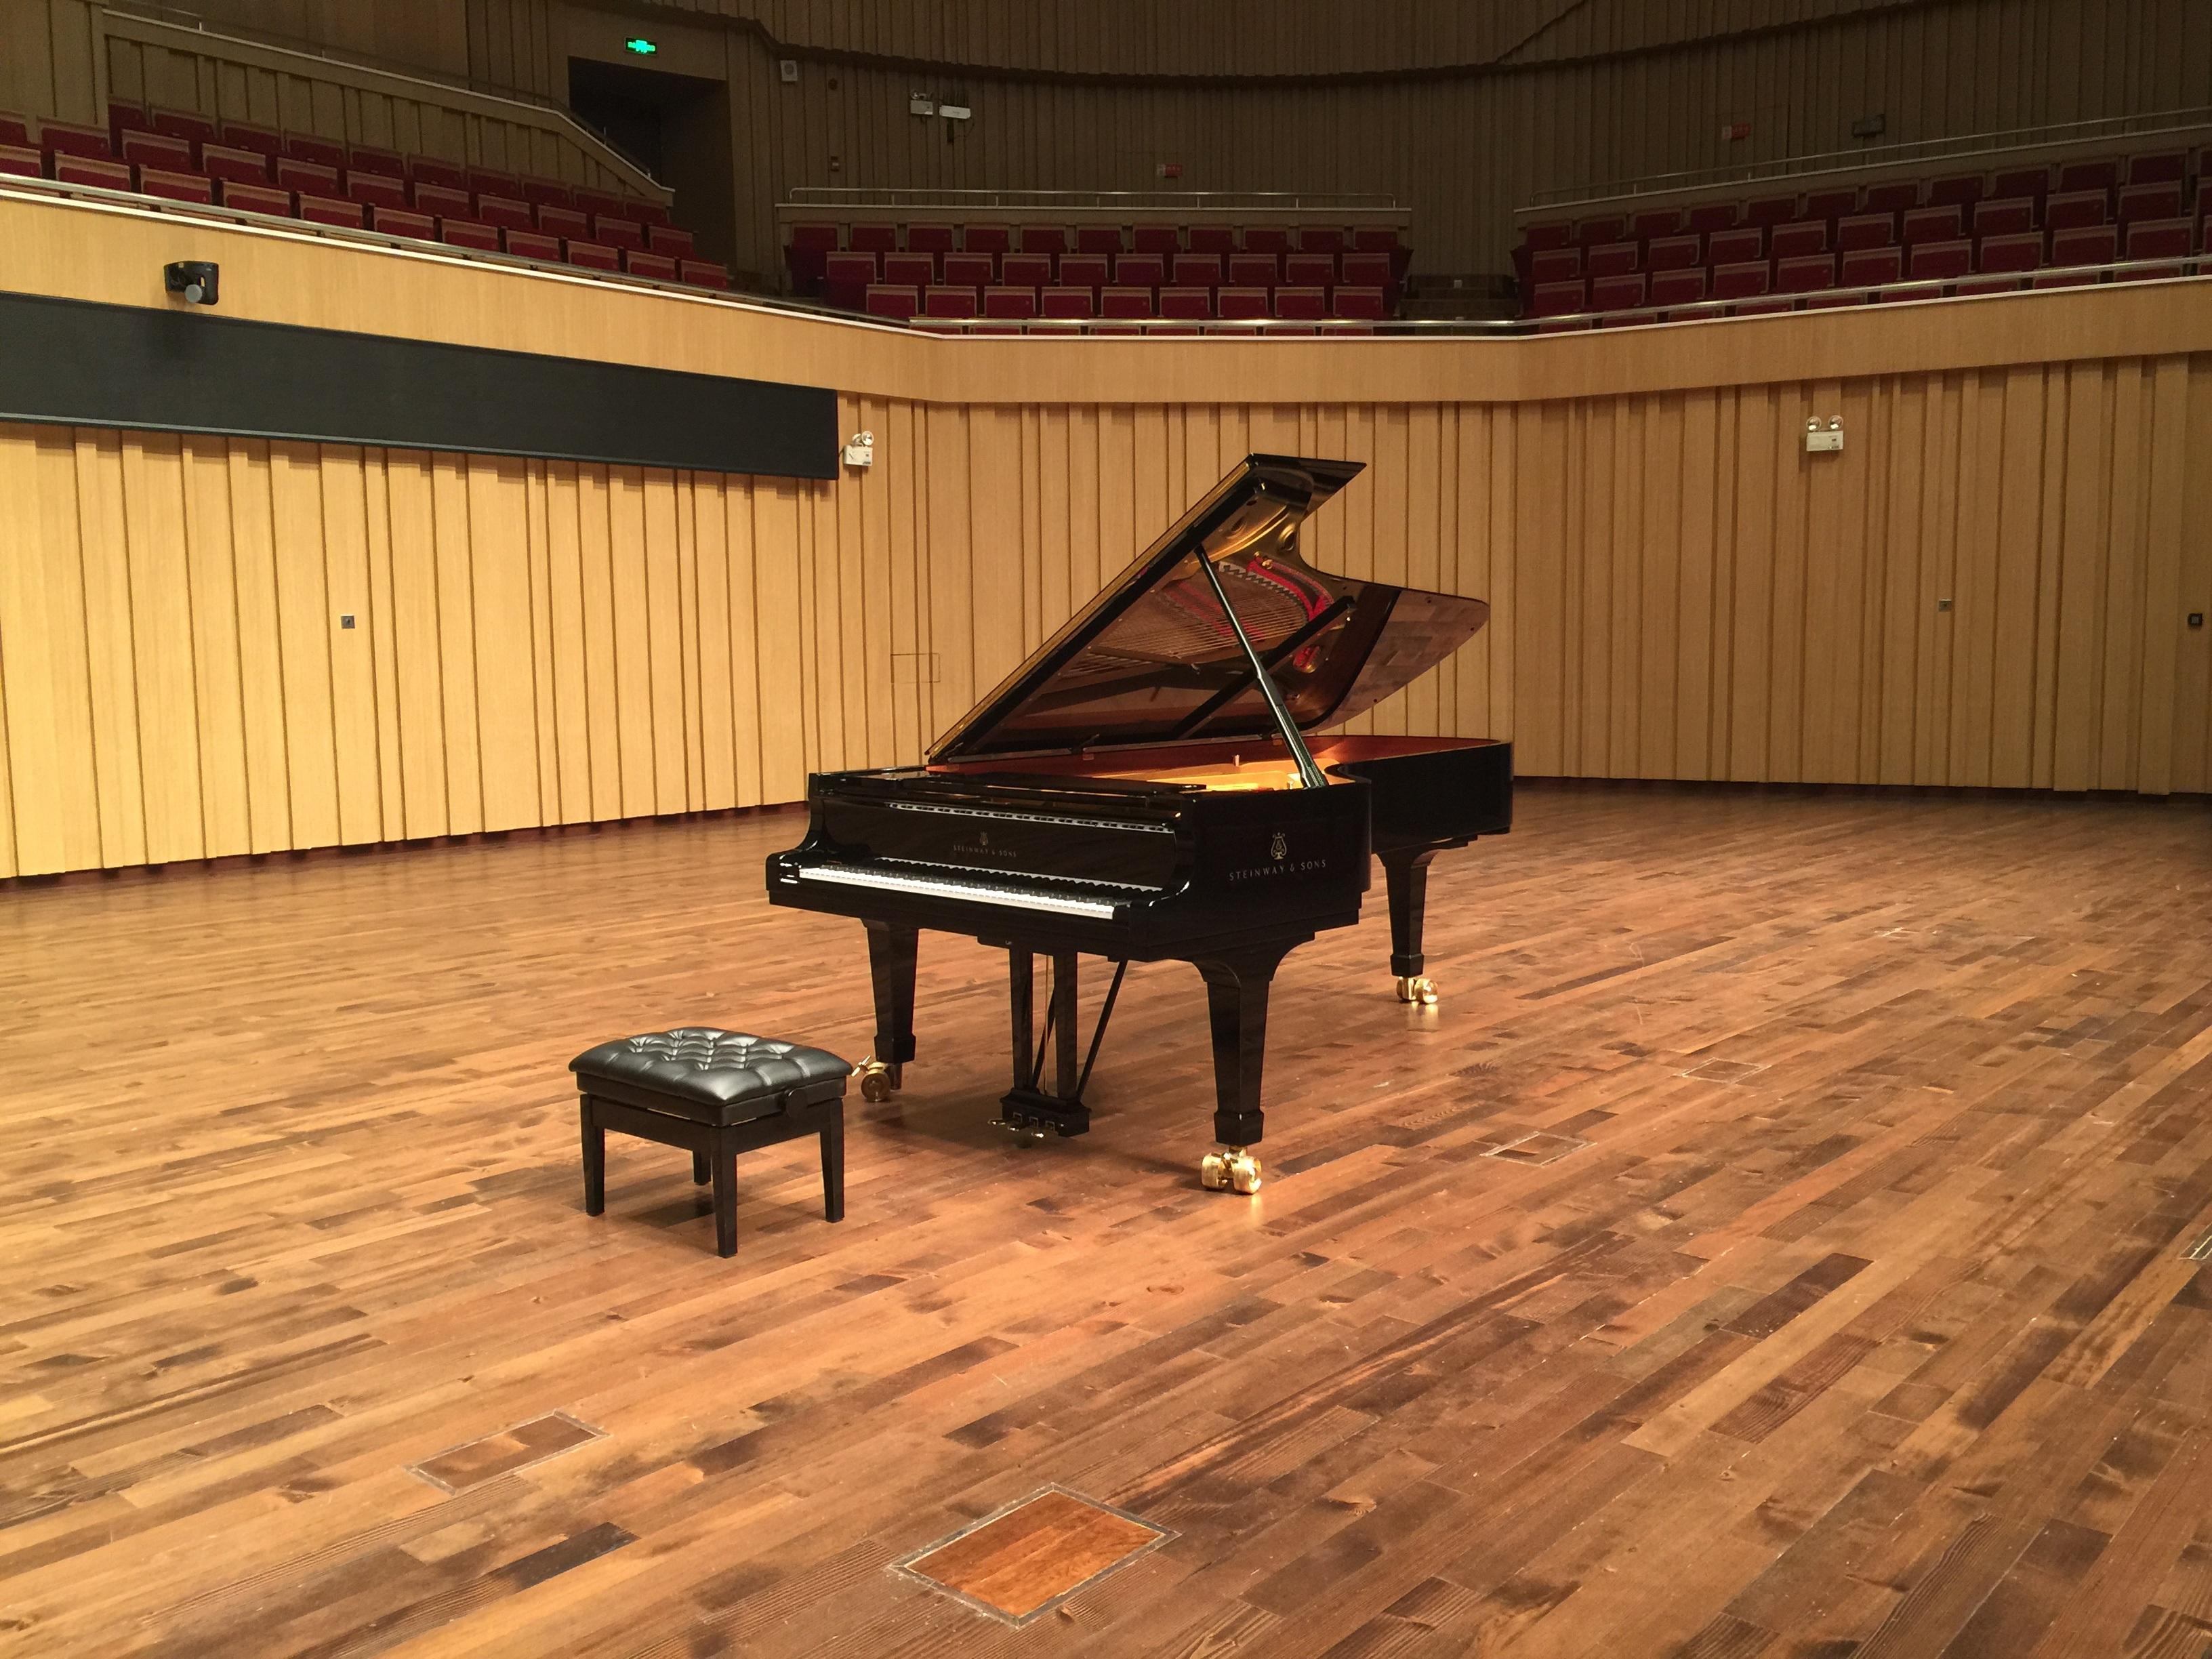 Fotos Gratis Teclado Tecnolog 237 A Piso Piano